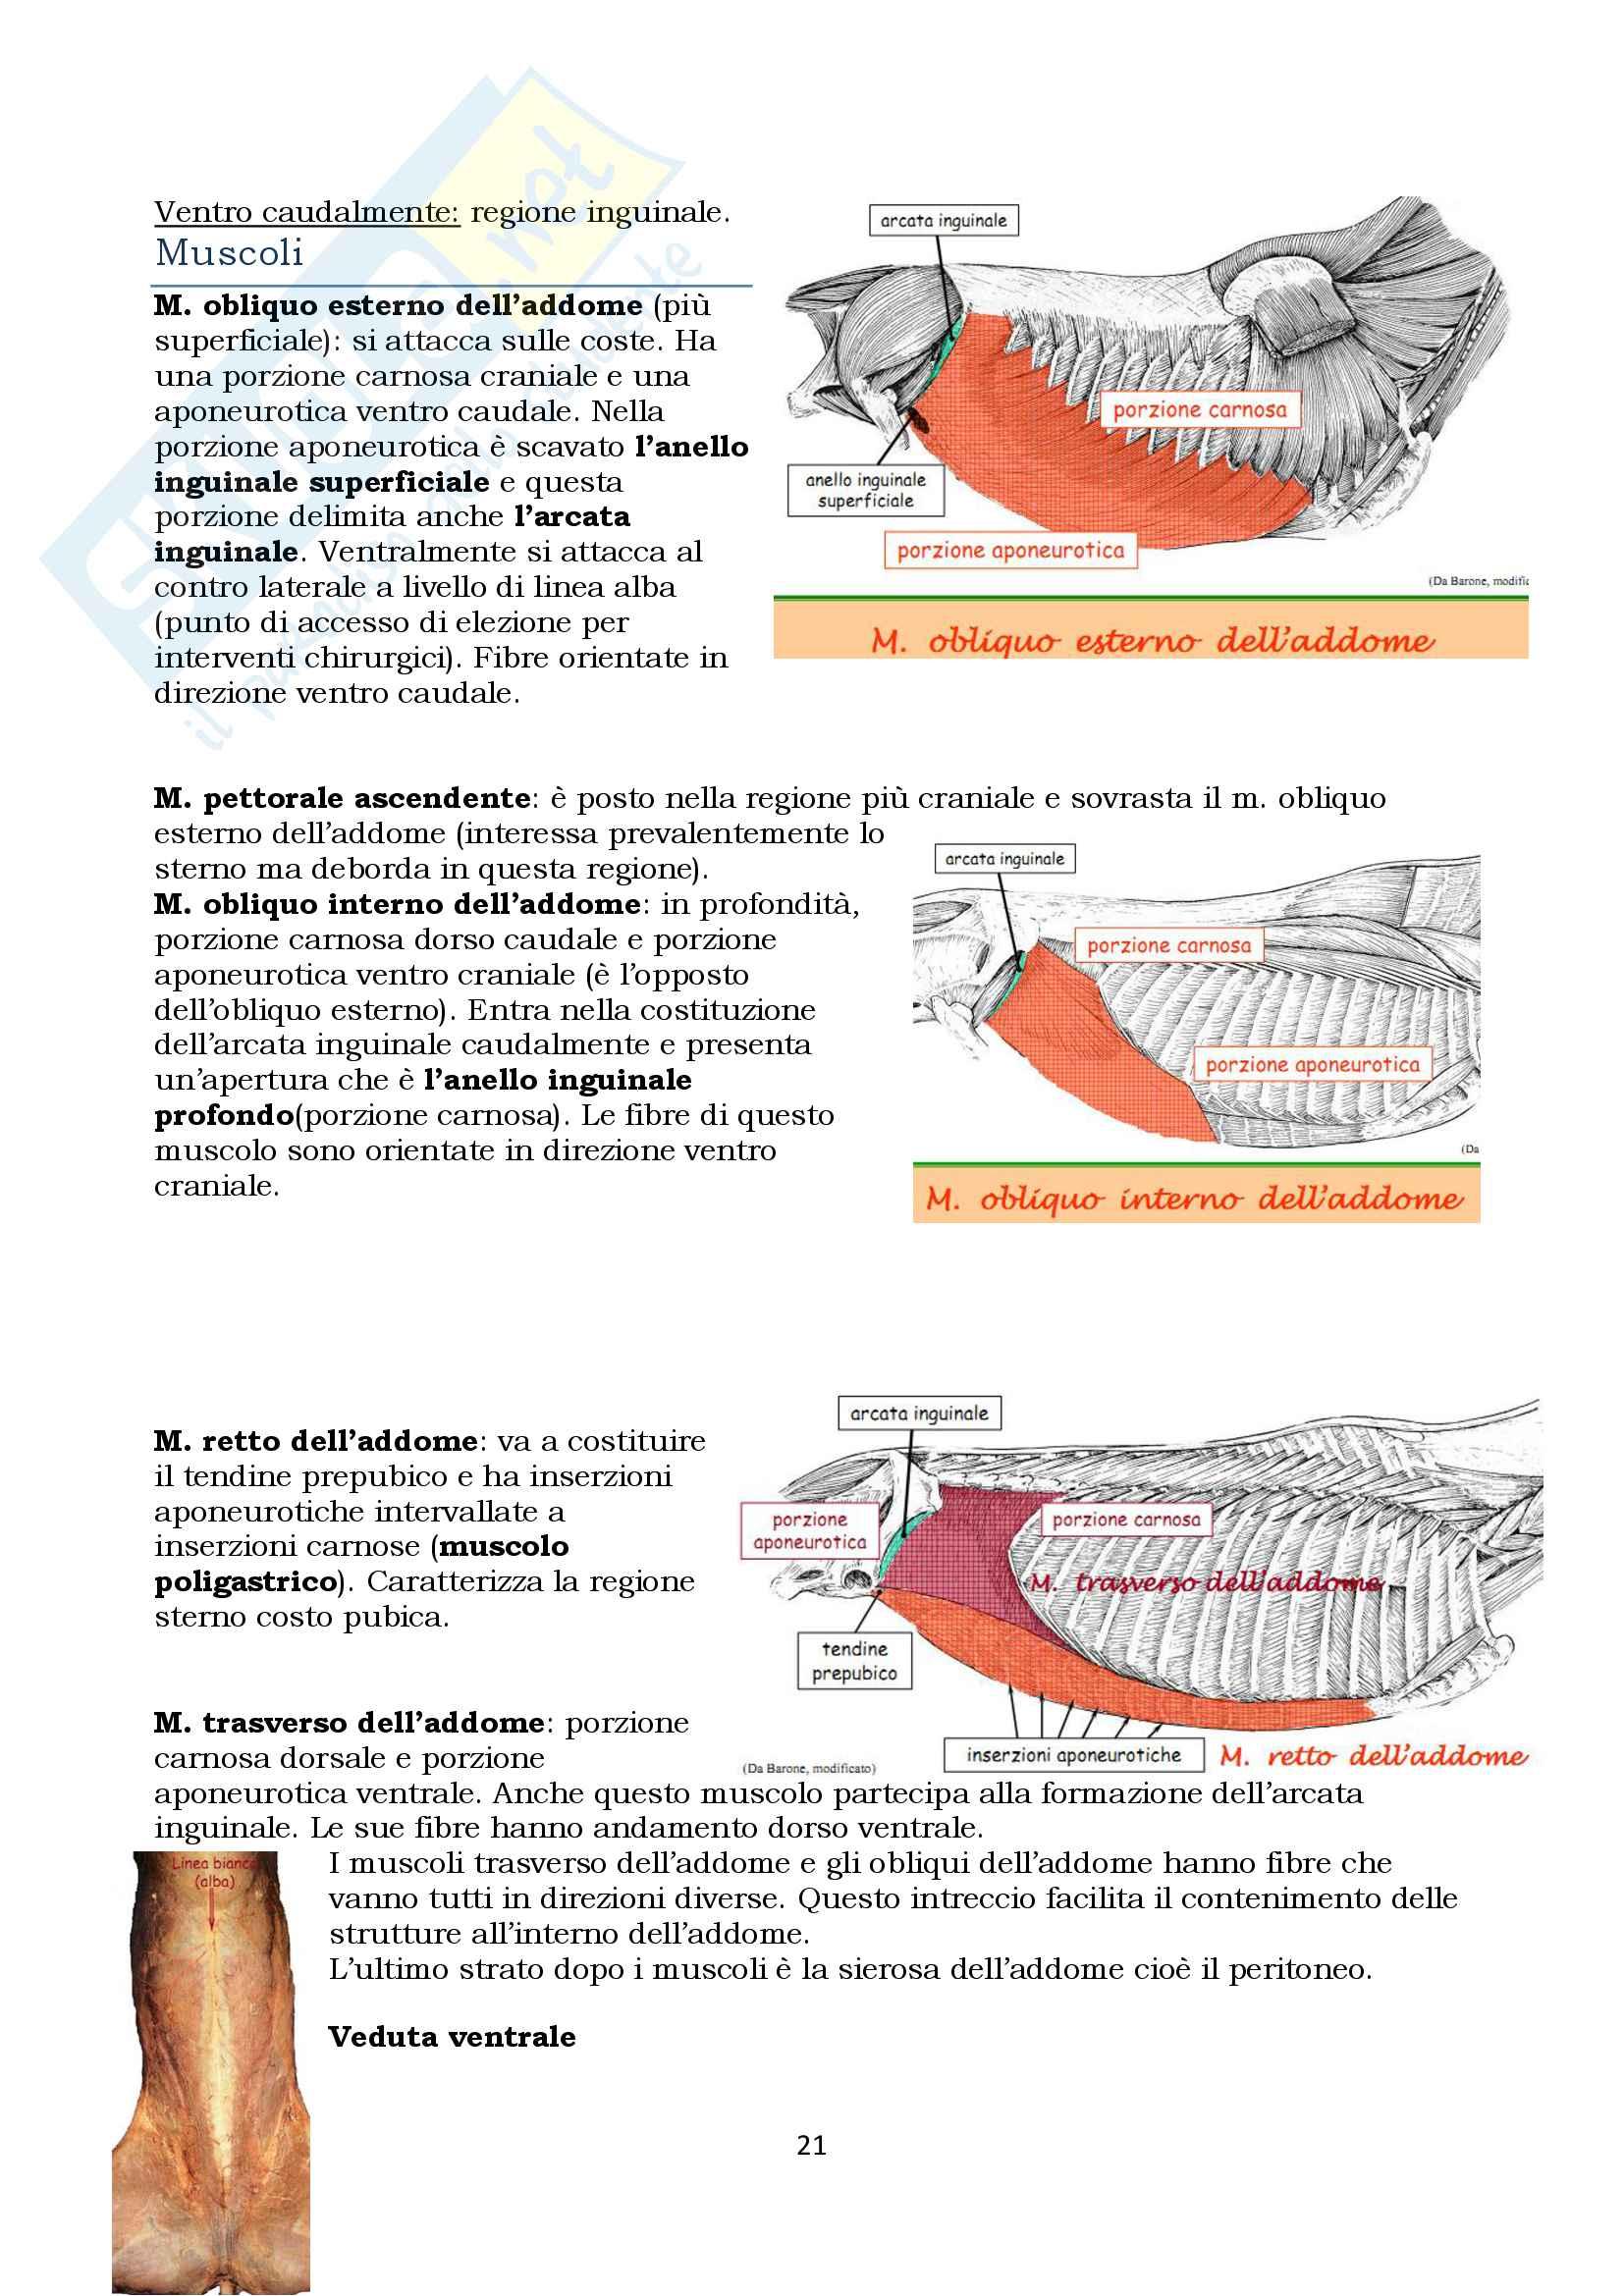 Anatomia topografica veterinaria parte II (piccoli e grandi animali) Pag. 21